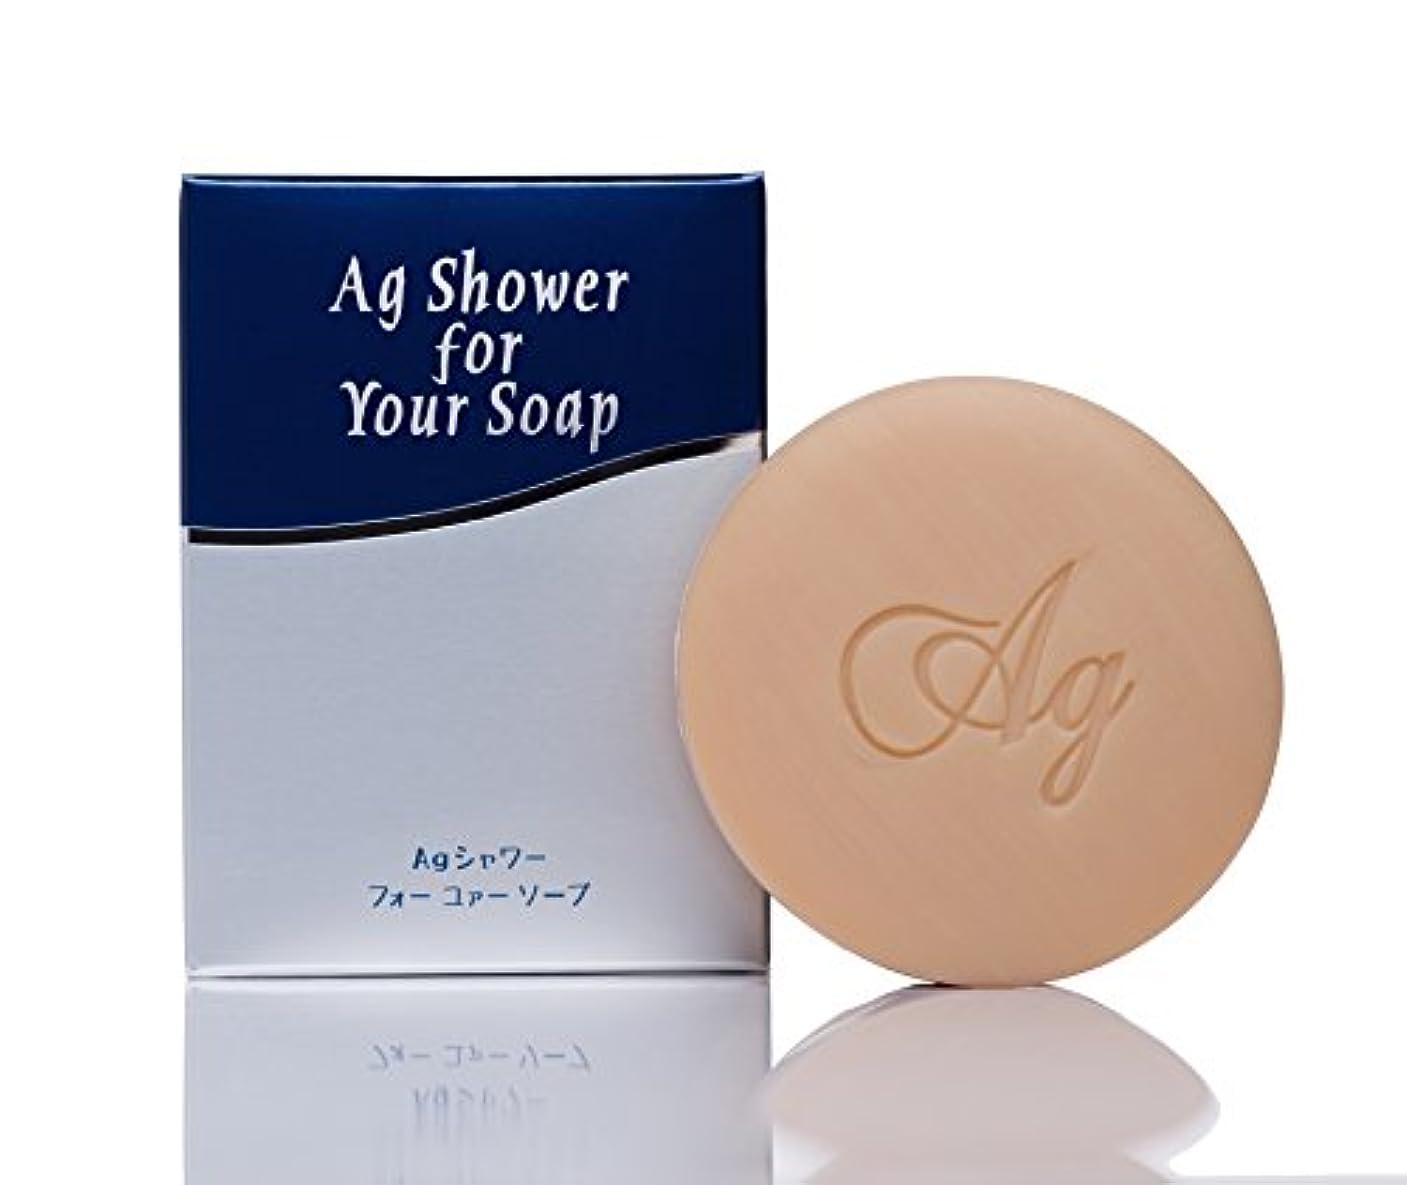 おいしいフック毎日スキンケアー石鹸 Agシャワーフォーユァーソープ 消臭?抗菌 100g